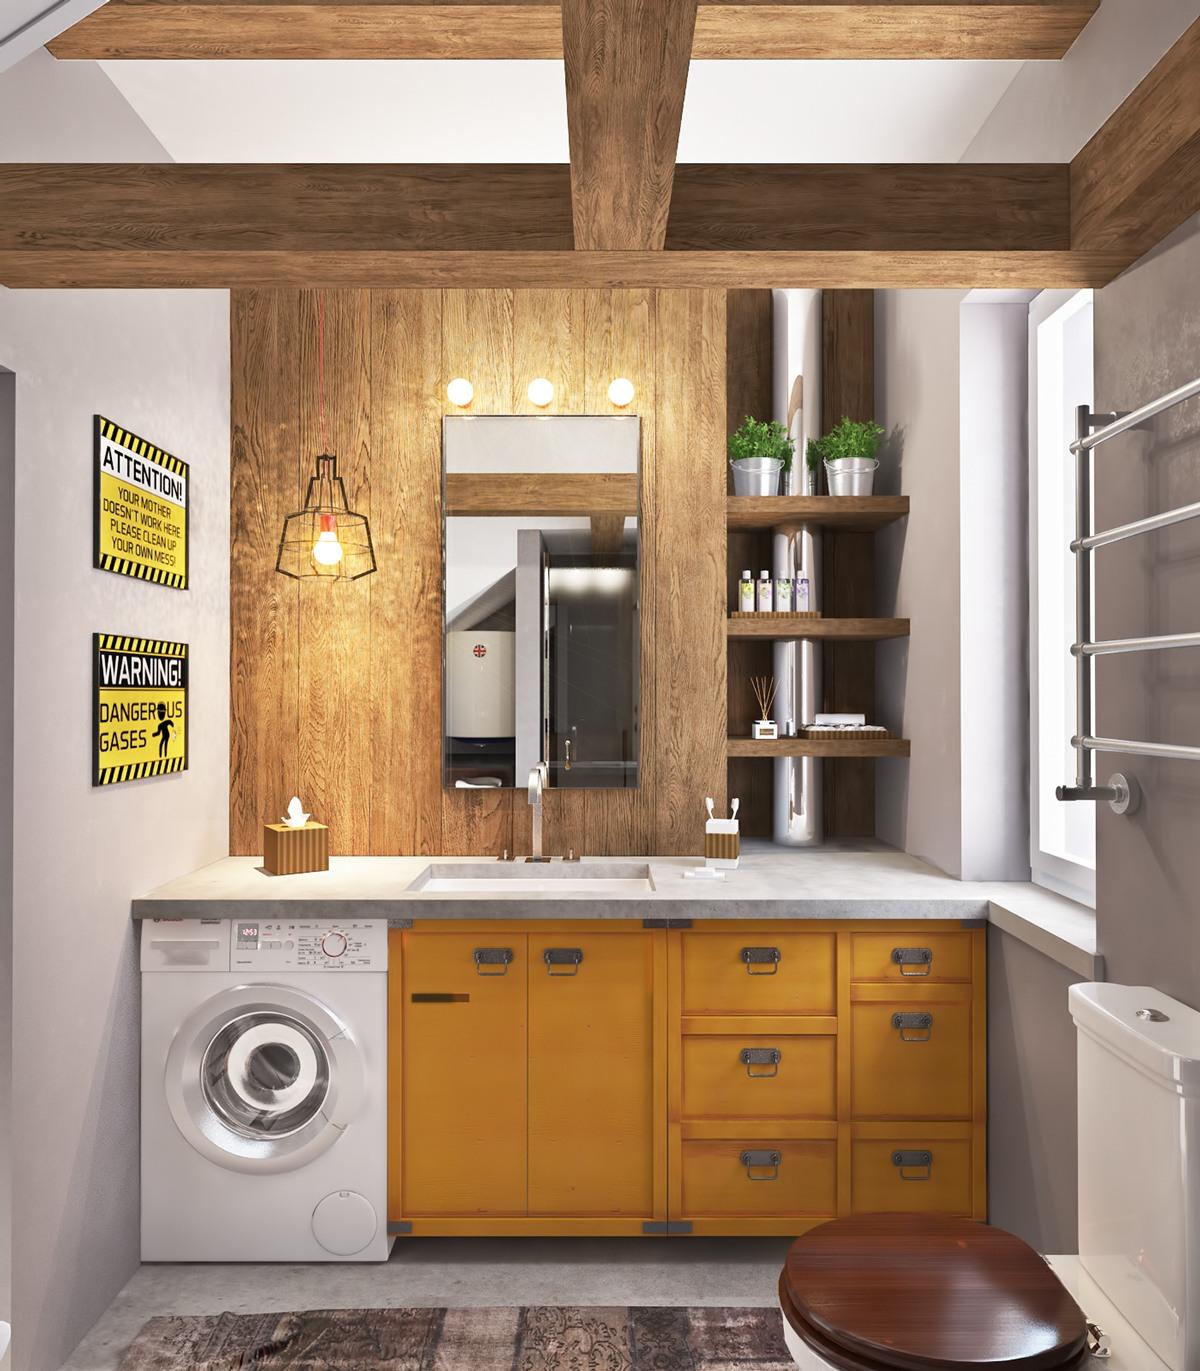 Стиральная машина в ванной комнате в стиле кантри